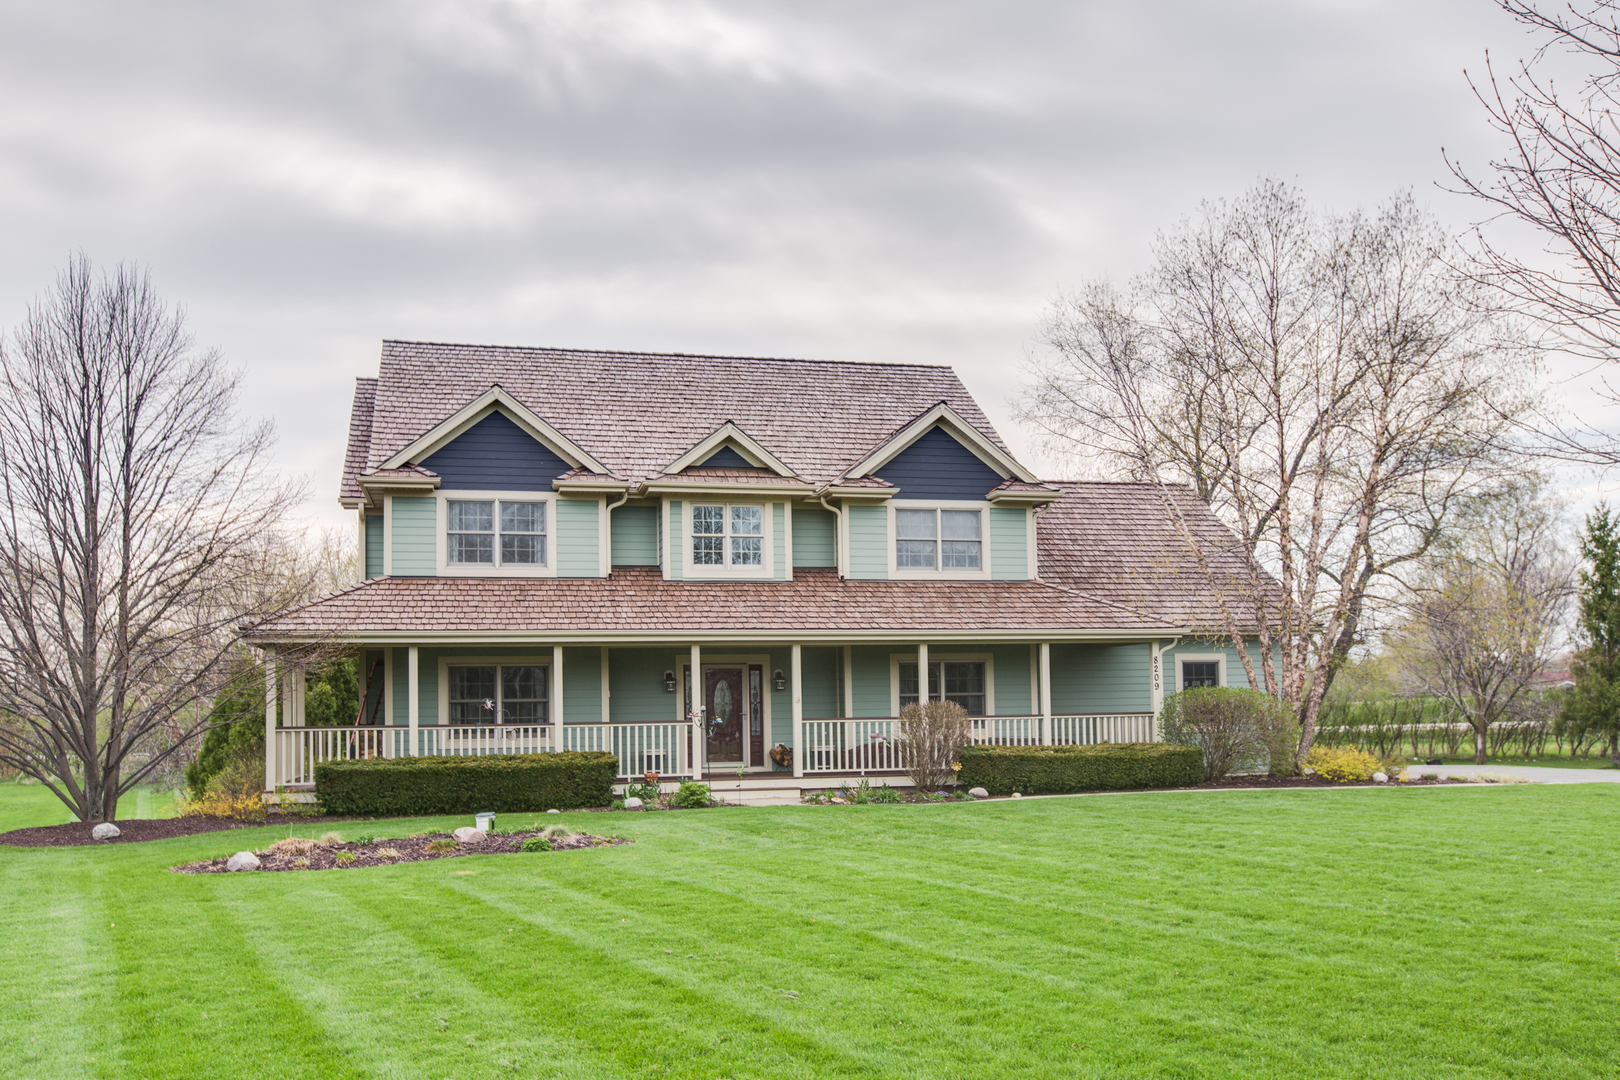 8209 Carriage Lane, Spring Grove, Illinois 60081